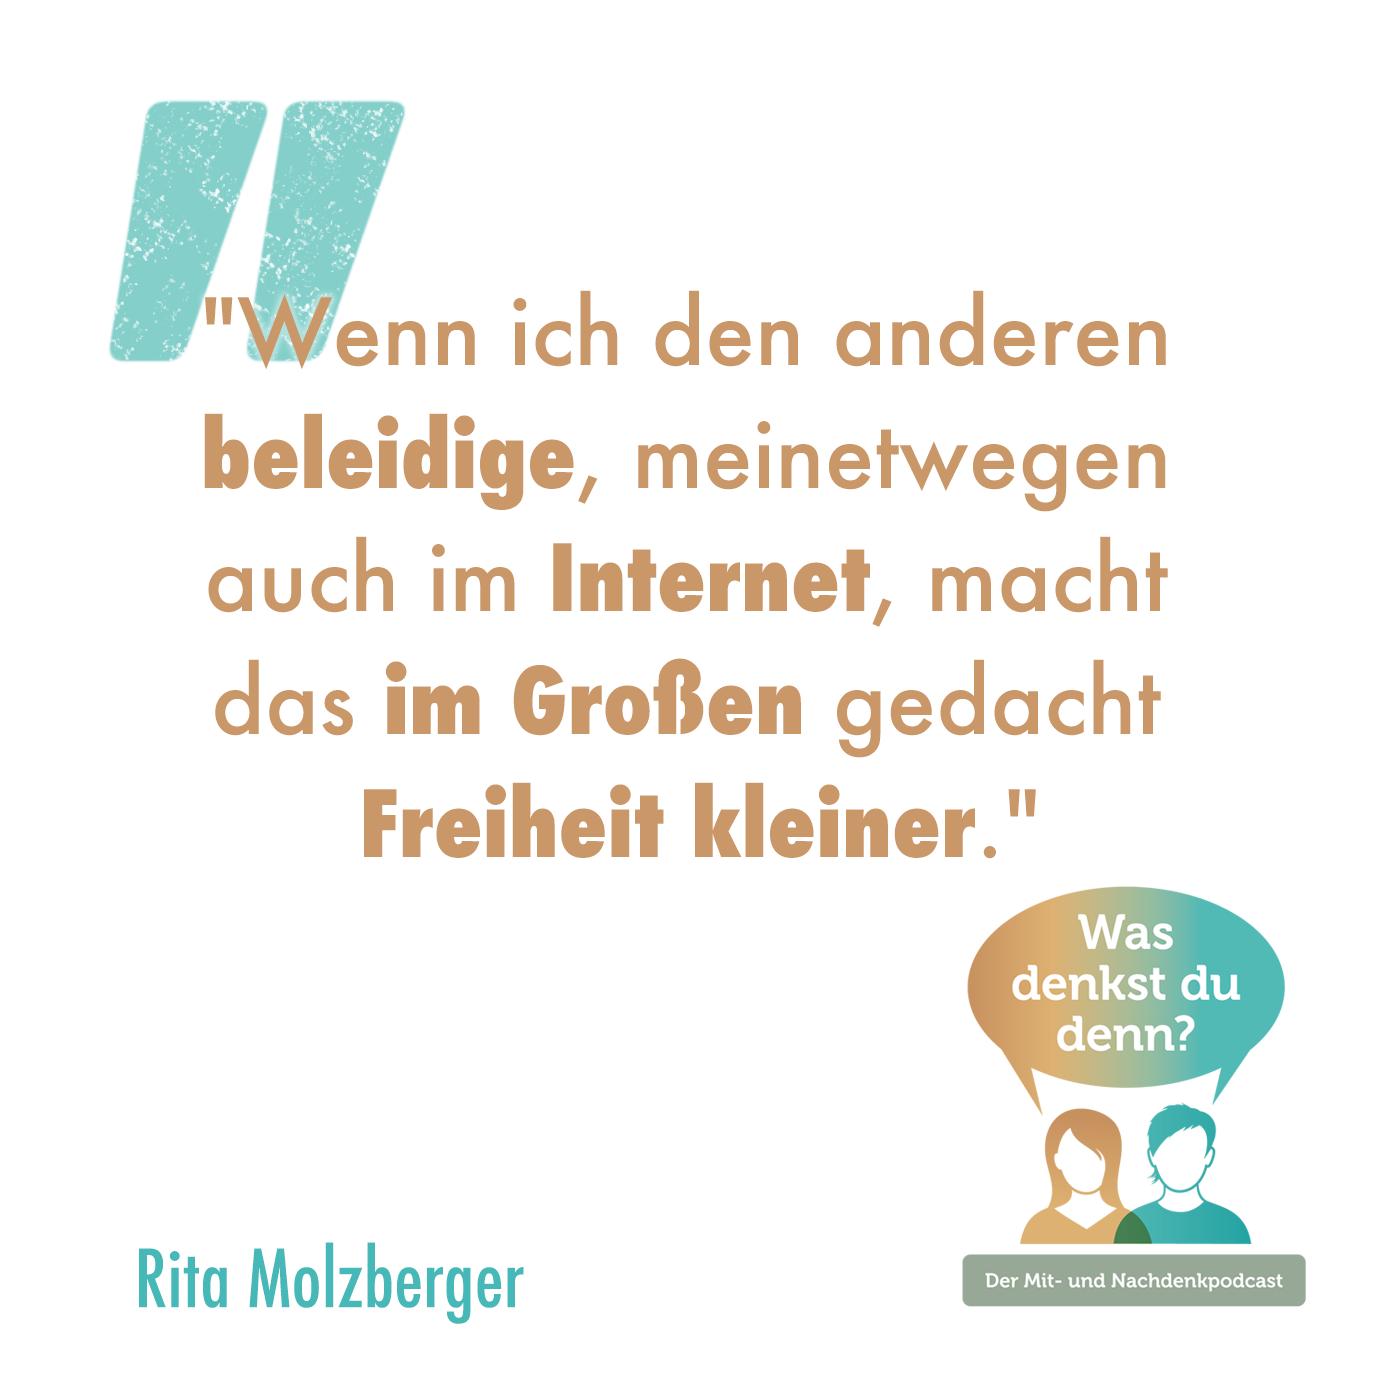 """Zitat von Rita: """"Wenn ich den anderen beleidige, meinetwegen auch im Internet, macht das im Großen gedacht Freiheit kleiner."""""""